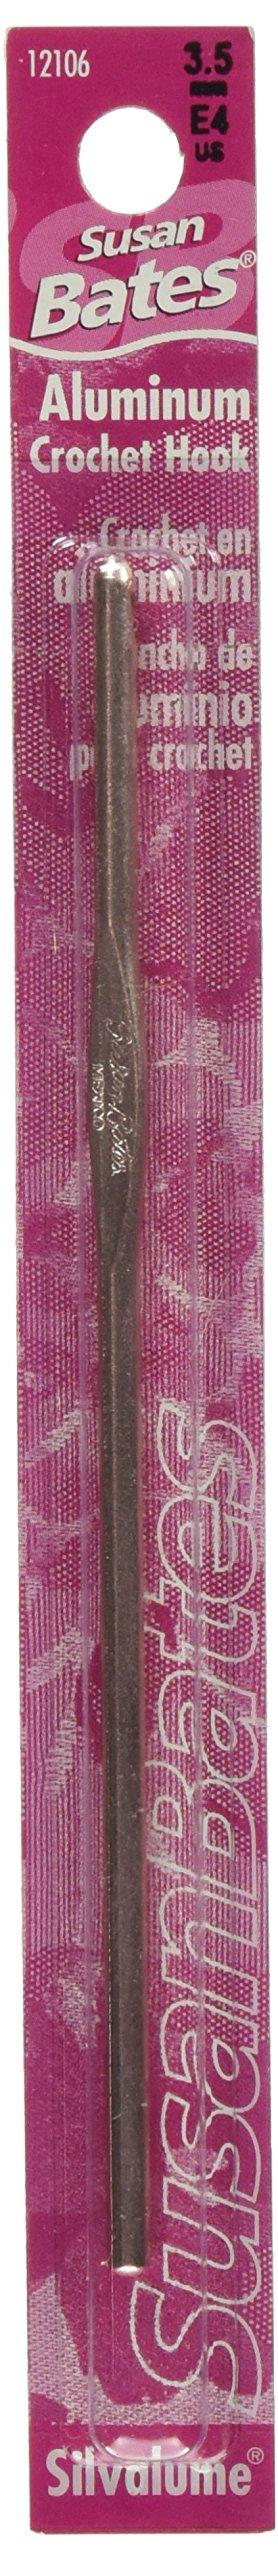 Susan Bates - Aguja de Crochet de aluminio de 5-1 / 2 (FA02)